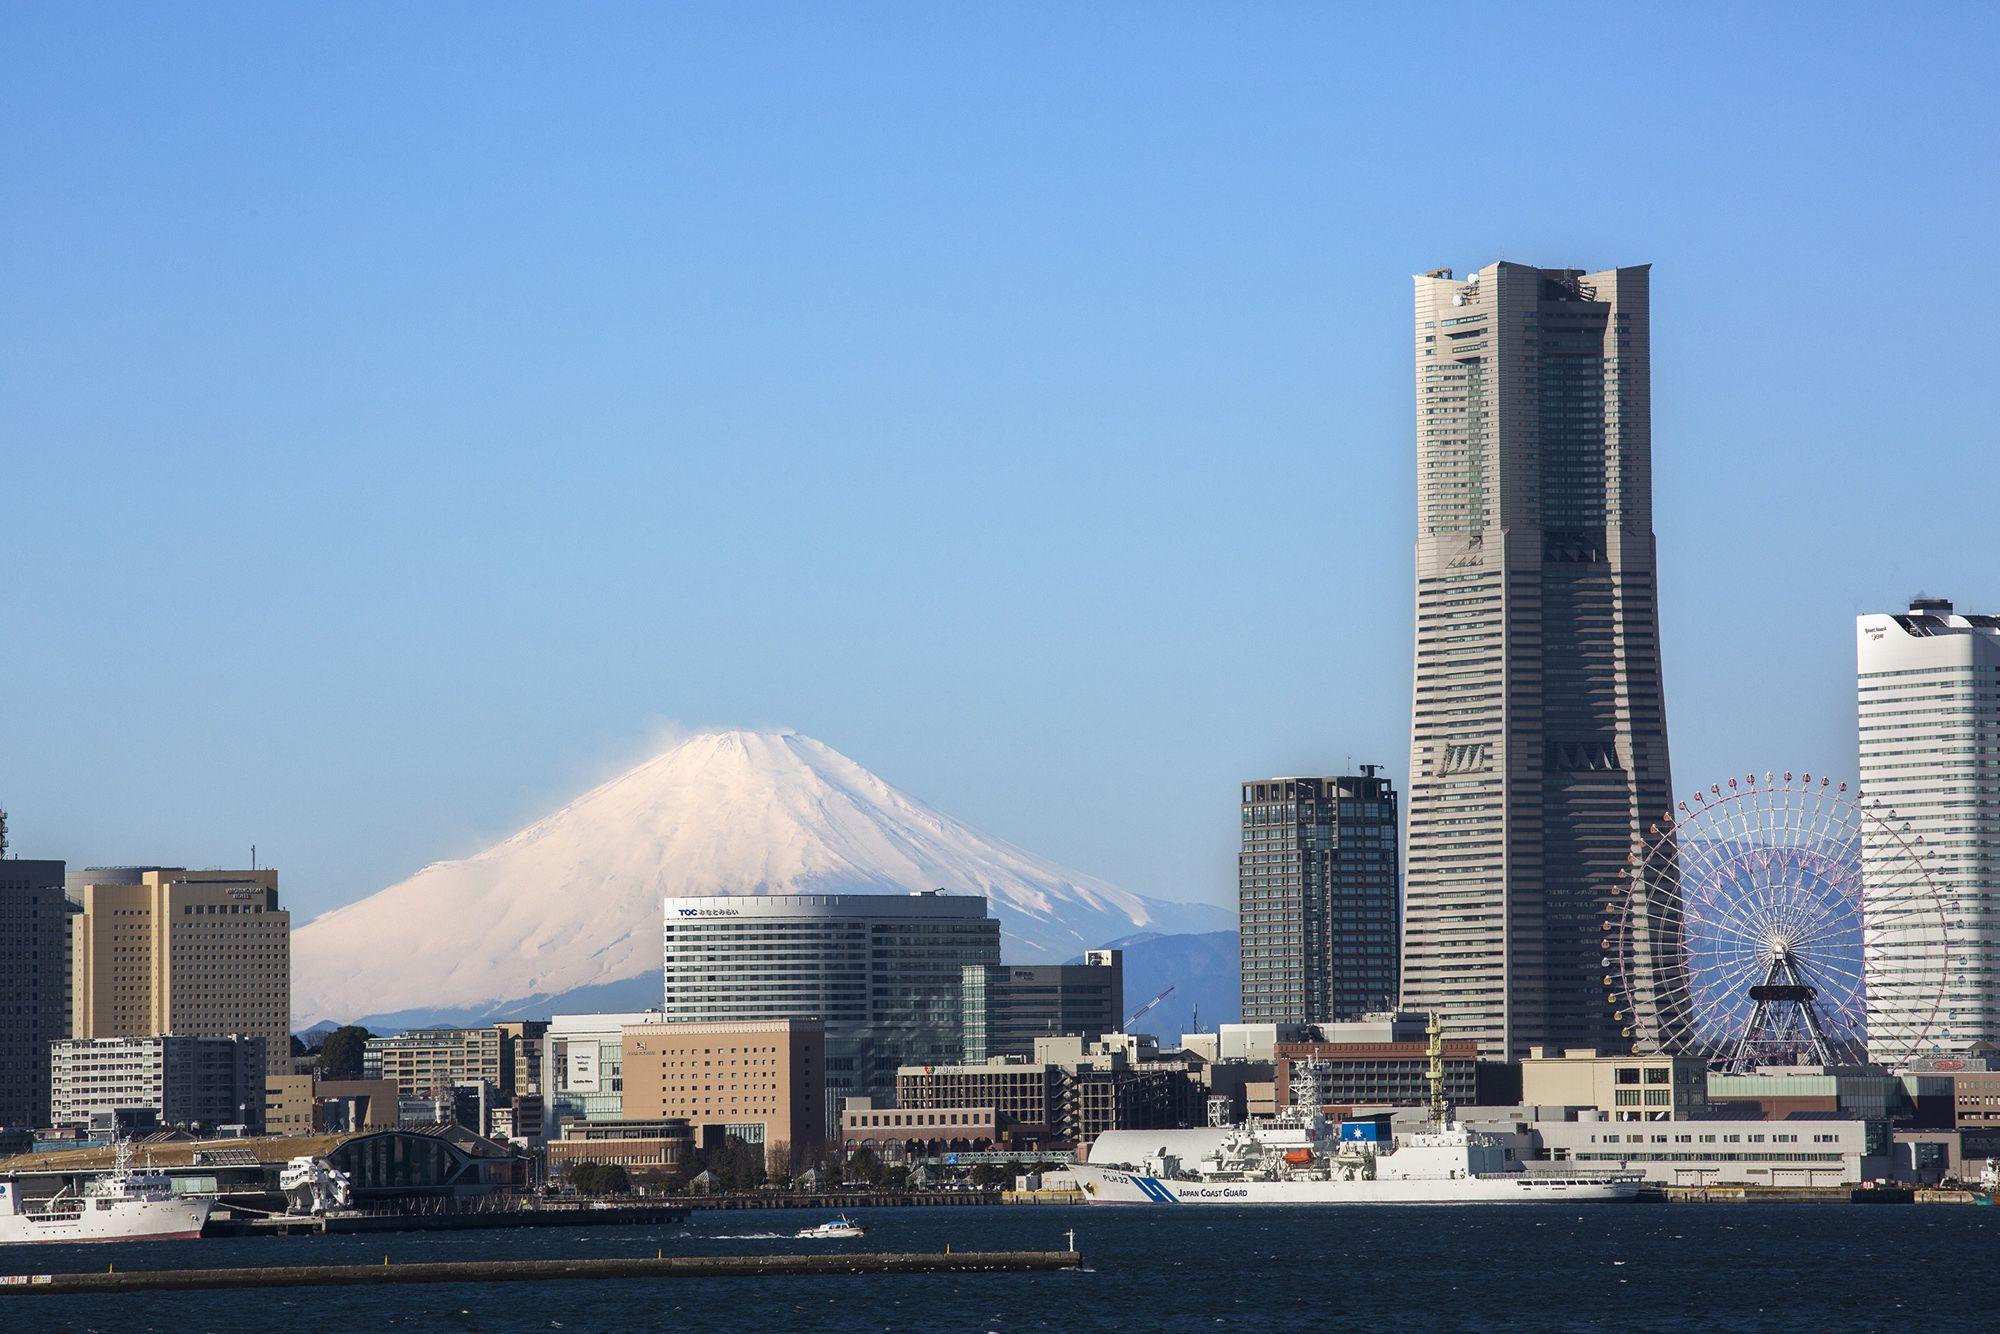 横浜沖合の東京湾を航行する船上から見る雪化粧の富士山